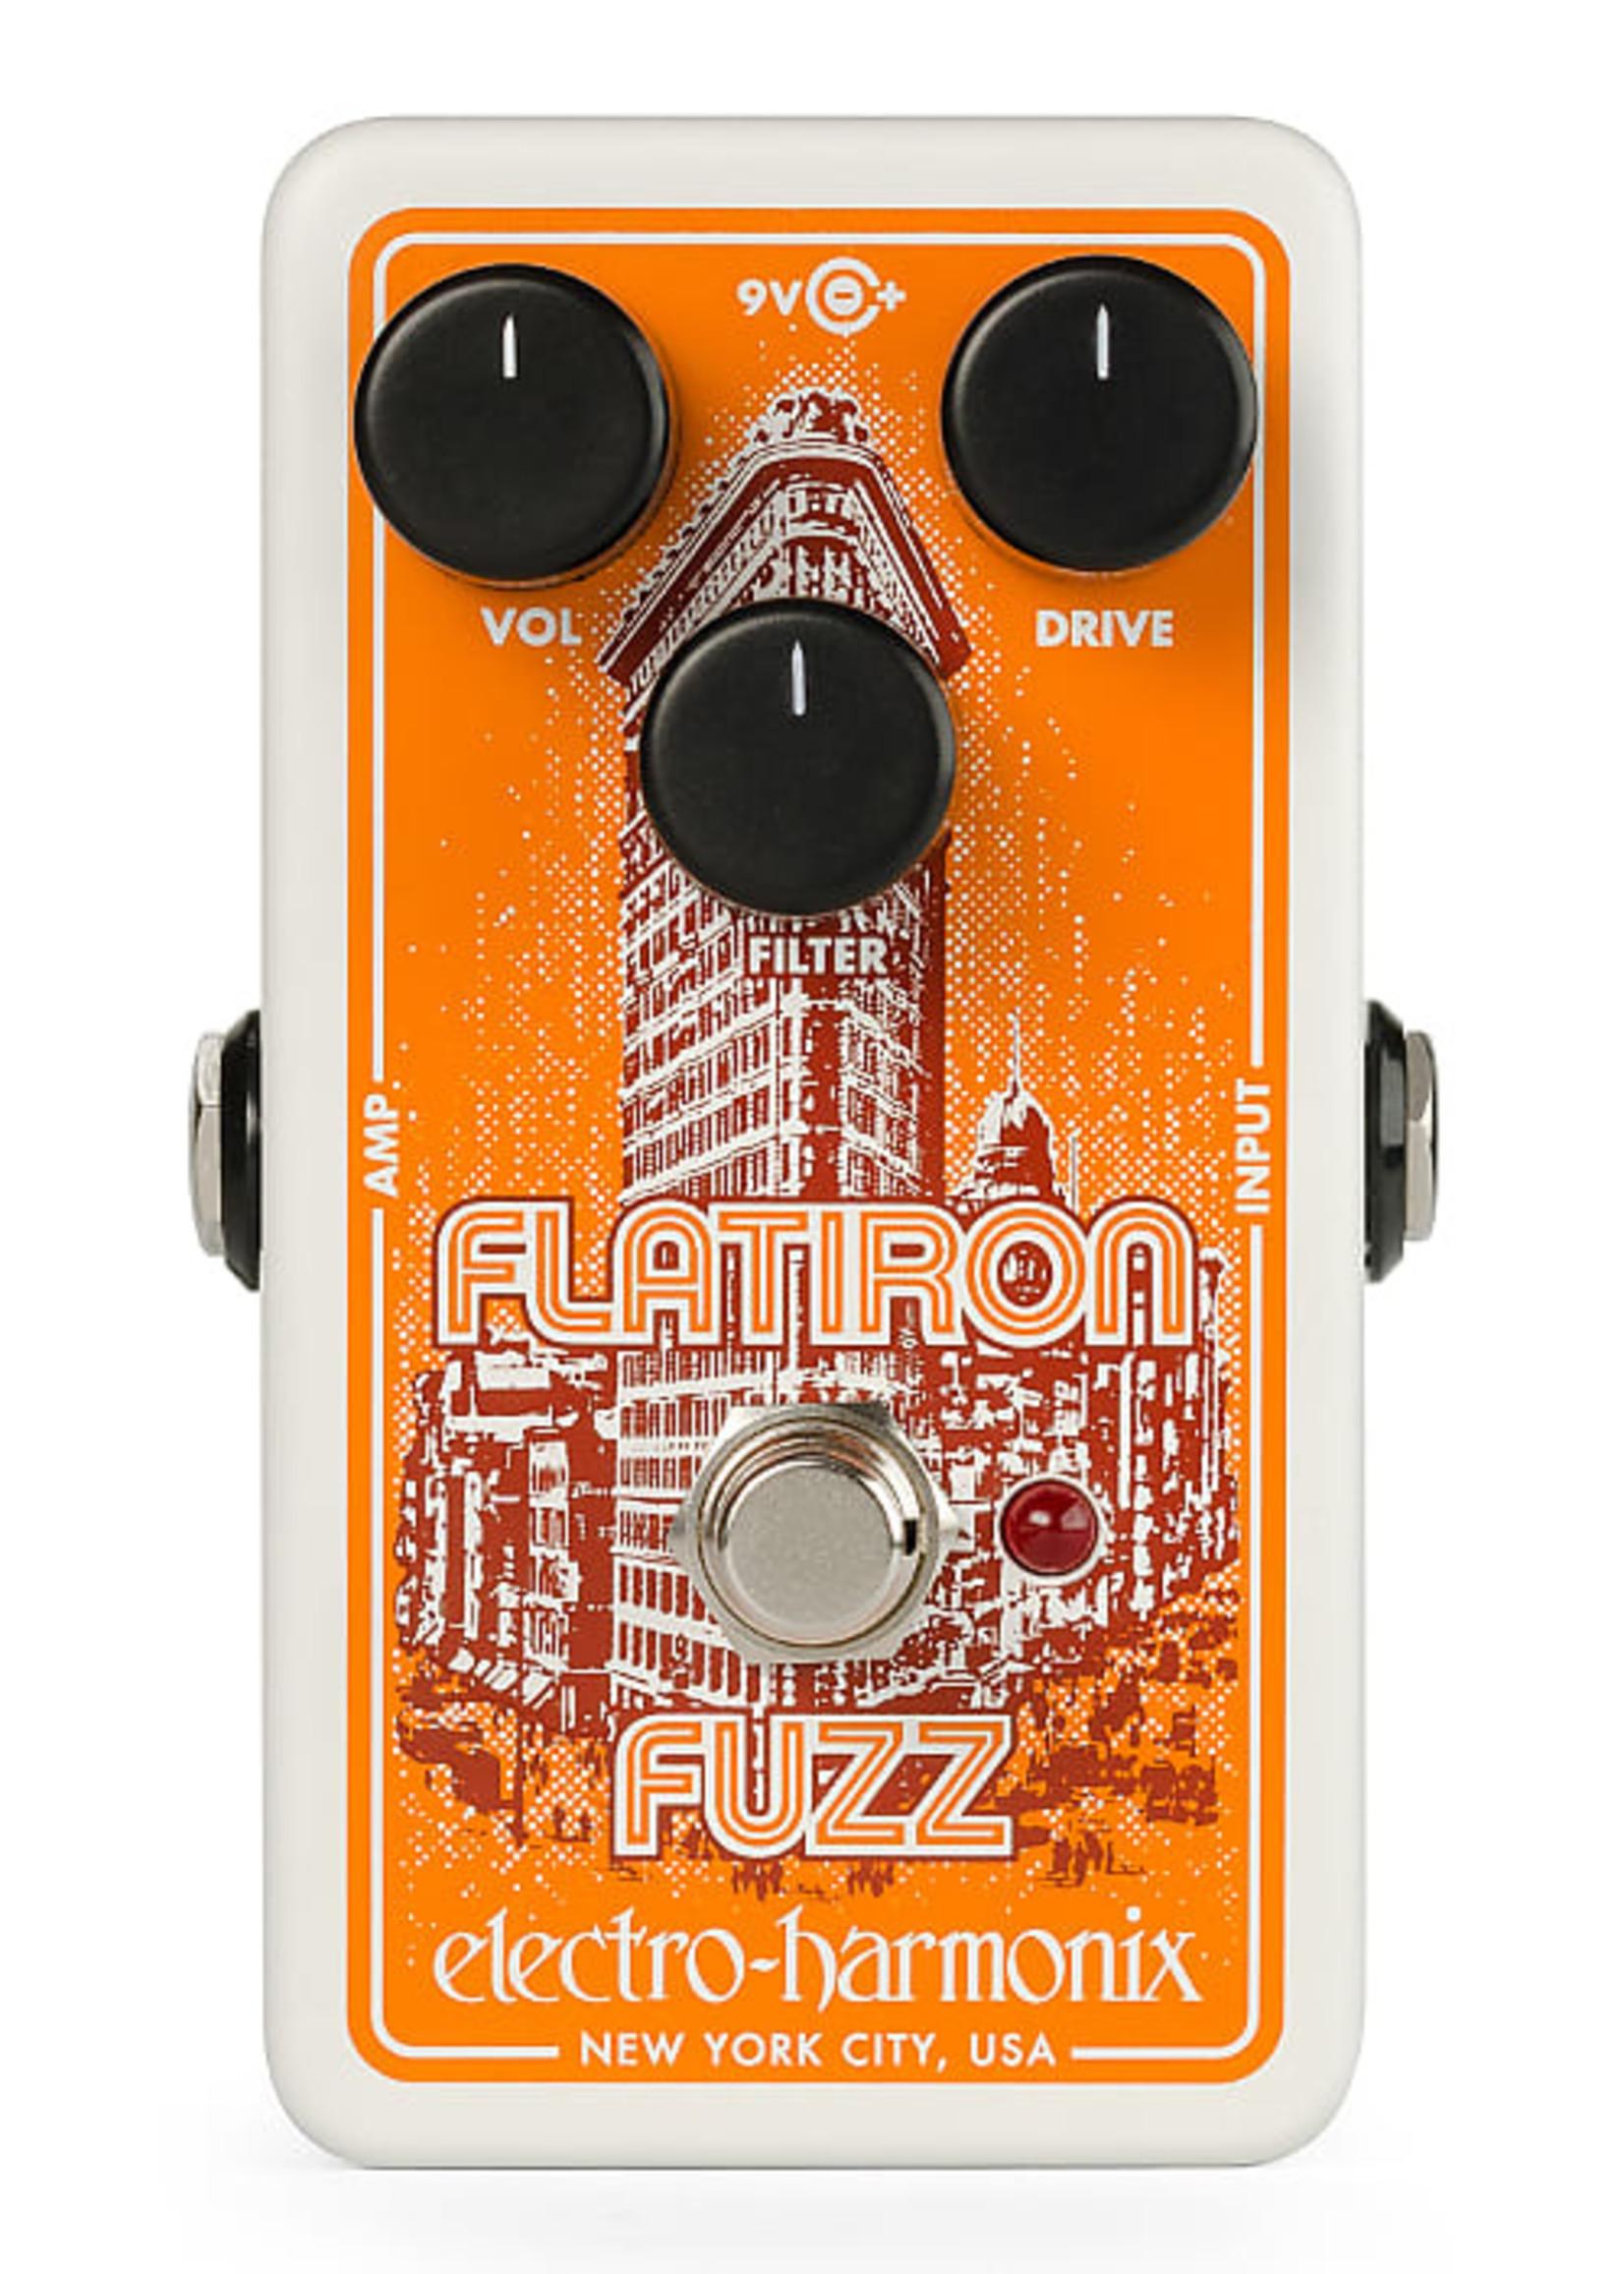 Gretsch Electro-Harmonix Flatiron Fuzz Pedal